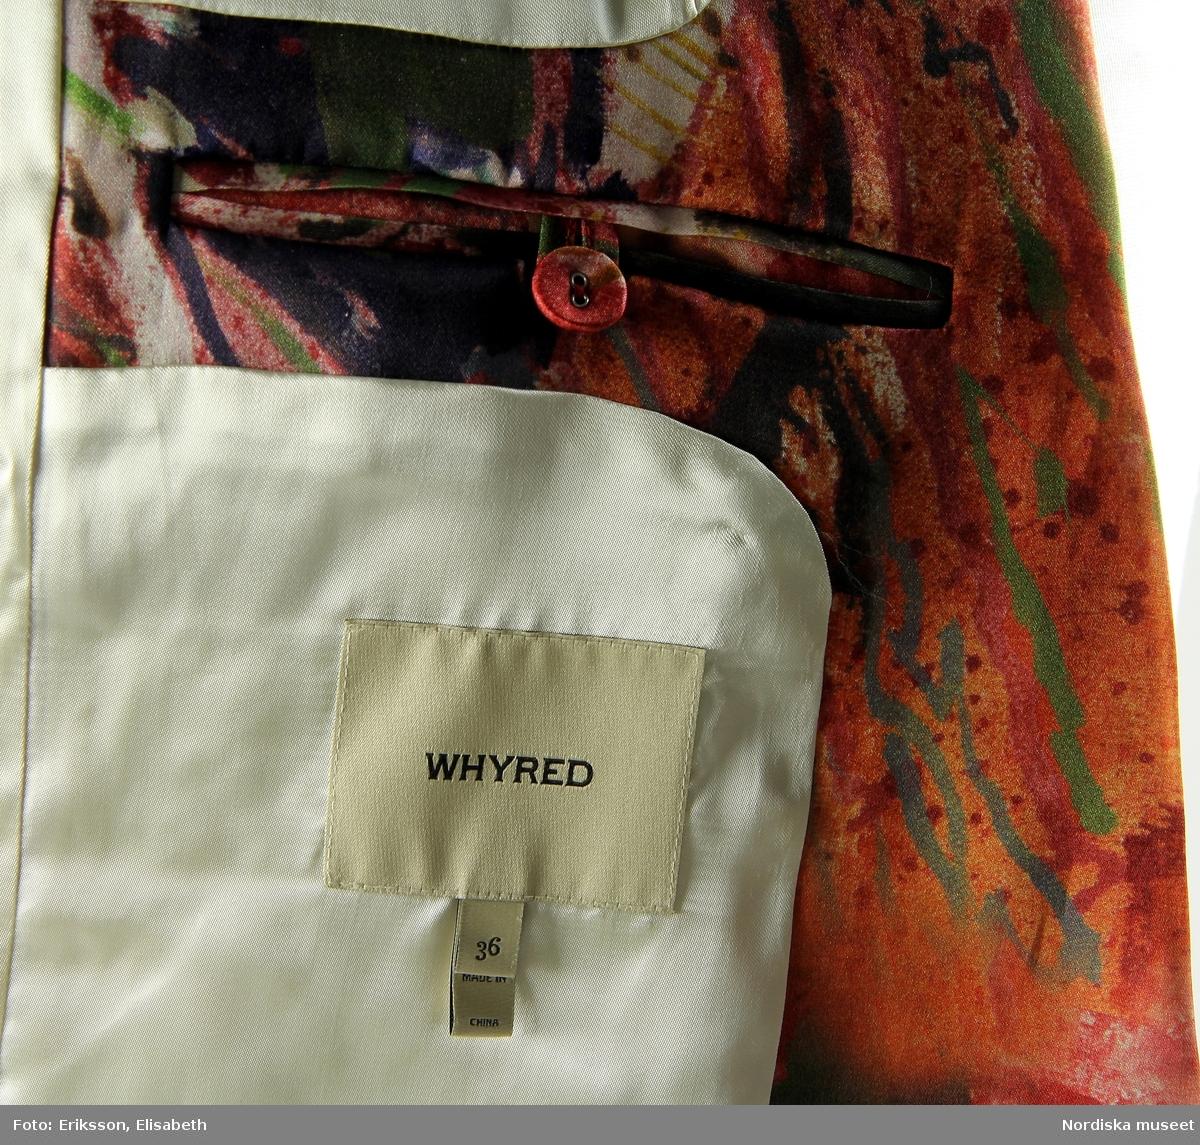 """Blazer för kvinna, """"Woman's Blazer"""", maskinsydd av mönstrat, tryckt sidentyg i rak modell med smala slag. Två diagonalt placerade klädda knappar framtill, fickor infällda i sidosömmarmarna. Rakt skuren nedre kant, rundad i mötet framtill, sprund nedtill i ryggen. Det tryckta sidentyget i röda nyanser har även inslag av brunt, grönt, gult och vitt. Innerfoder av  crèmefärgat sidentyg, smal beige etikett av läder med text: Whyred, fastsydd på insidan vid nacken (lossnat på ena sidan). I brösthöjd en innerficka på vardera sida, knäppt med klädd knapp. Under vänstra fickan en beige sidenetikett med text: WHYRED, samt fastsydda i etikettens nedre söm, vita sidenband med tryckt text: 36. Made in China. Lisa Eide 2015-03-26, Helena Lindroth 2019-01-21"""